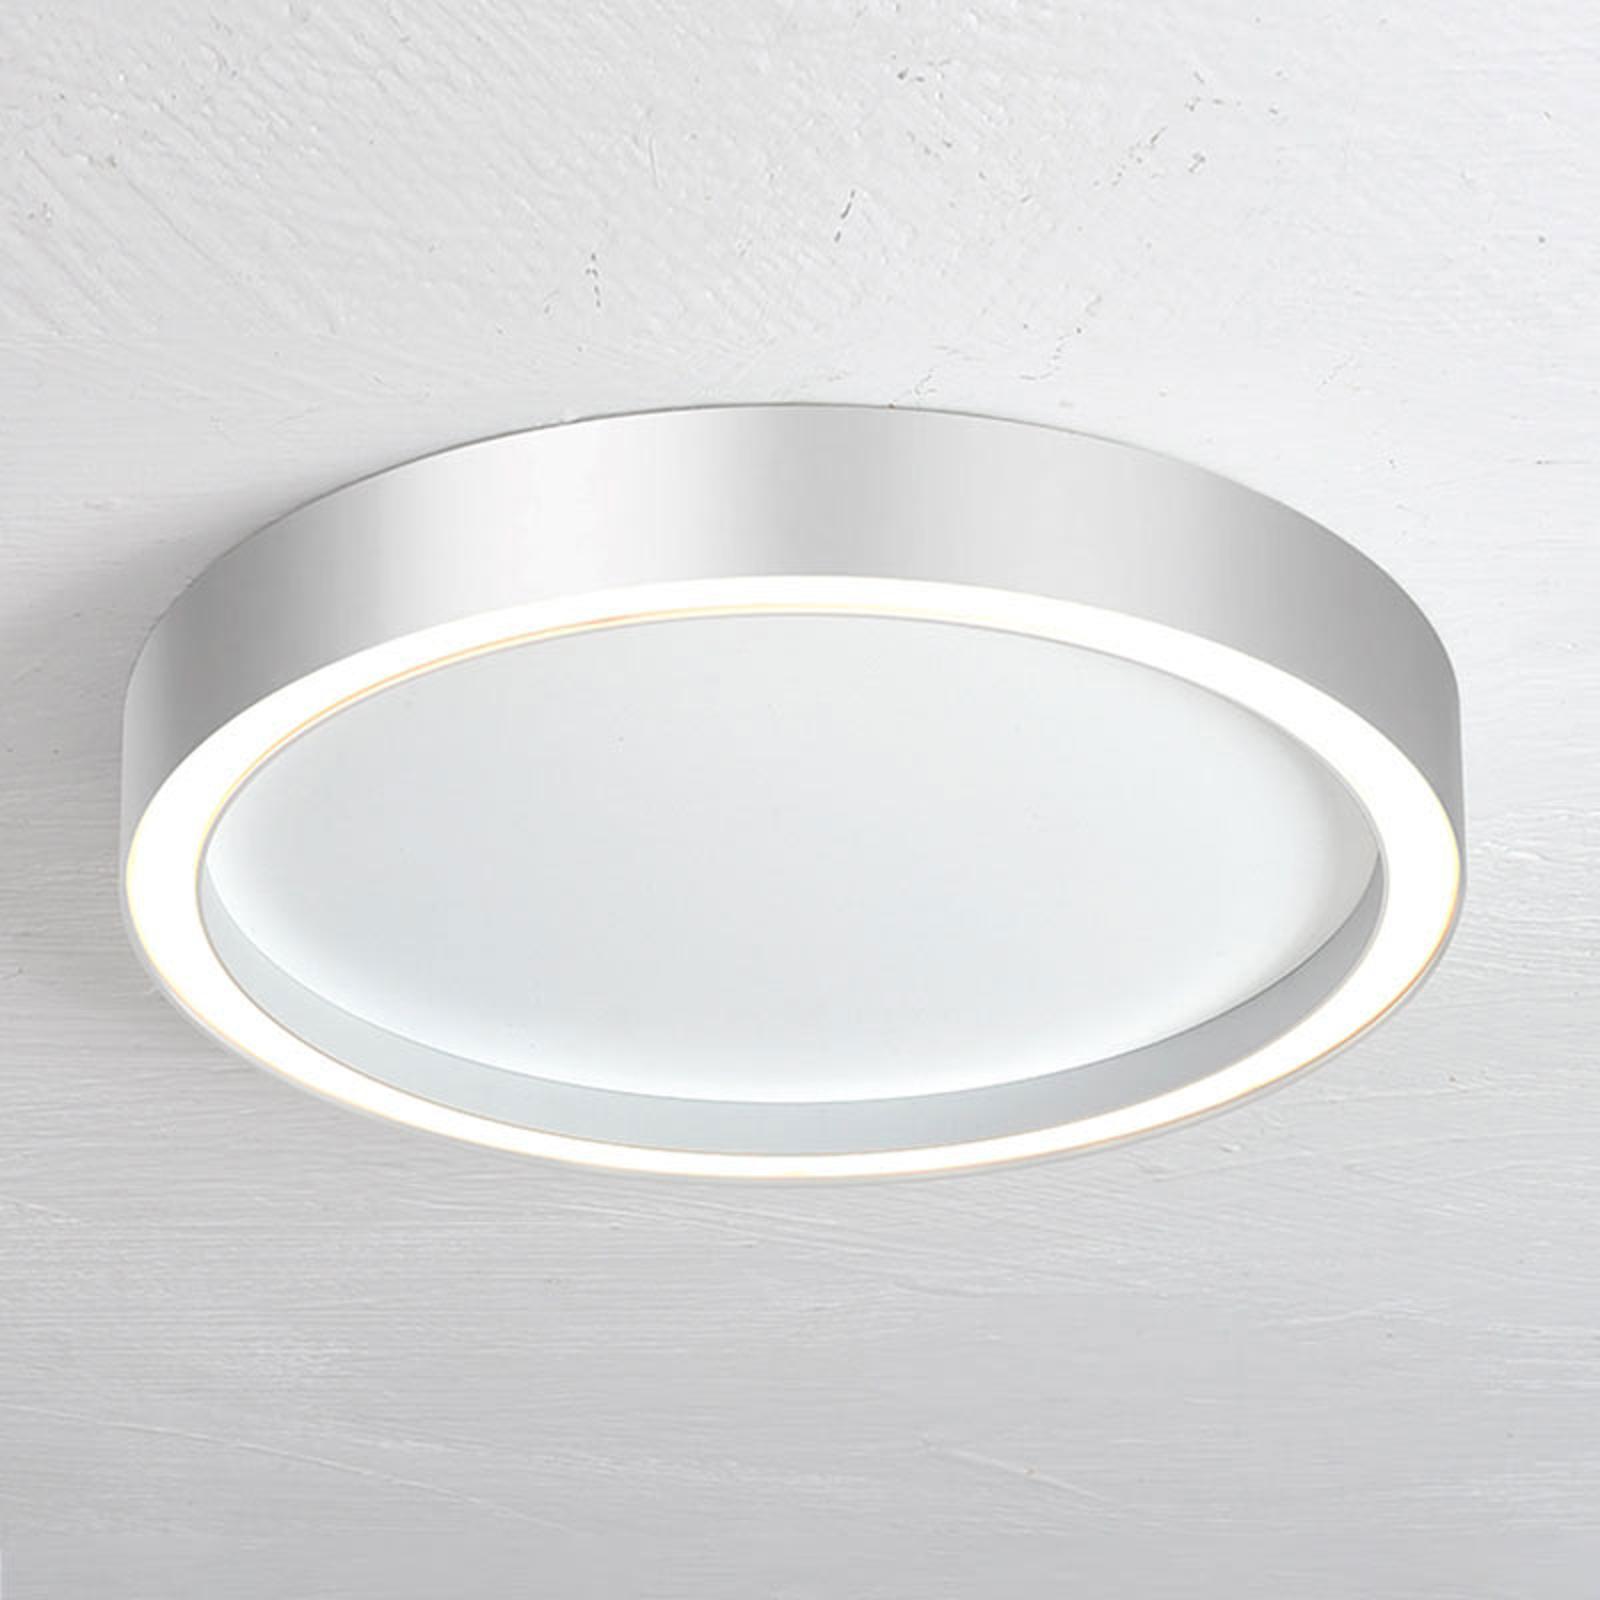 Bopp Aura LED-taklampe Ø 40cm hvit/aluminium